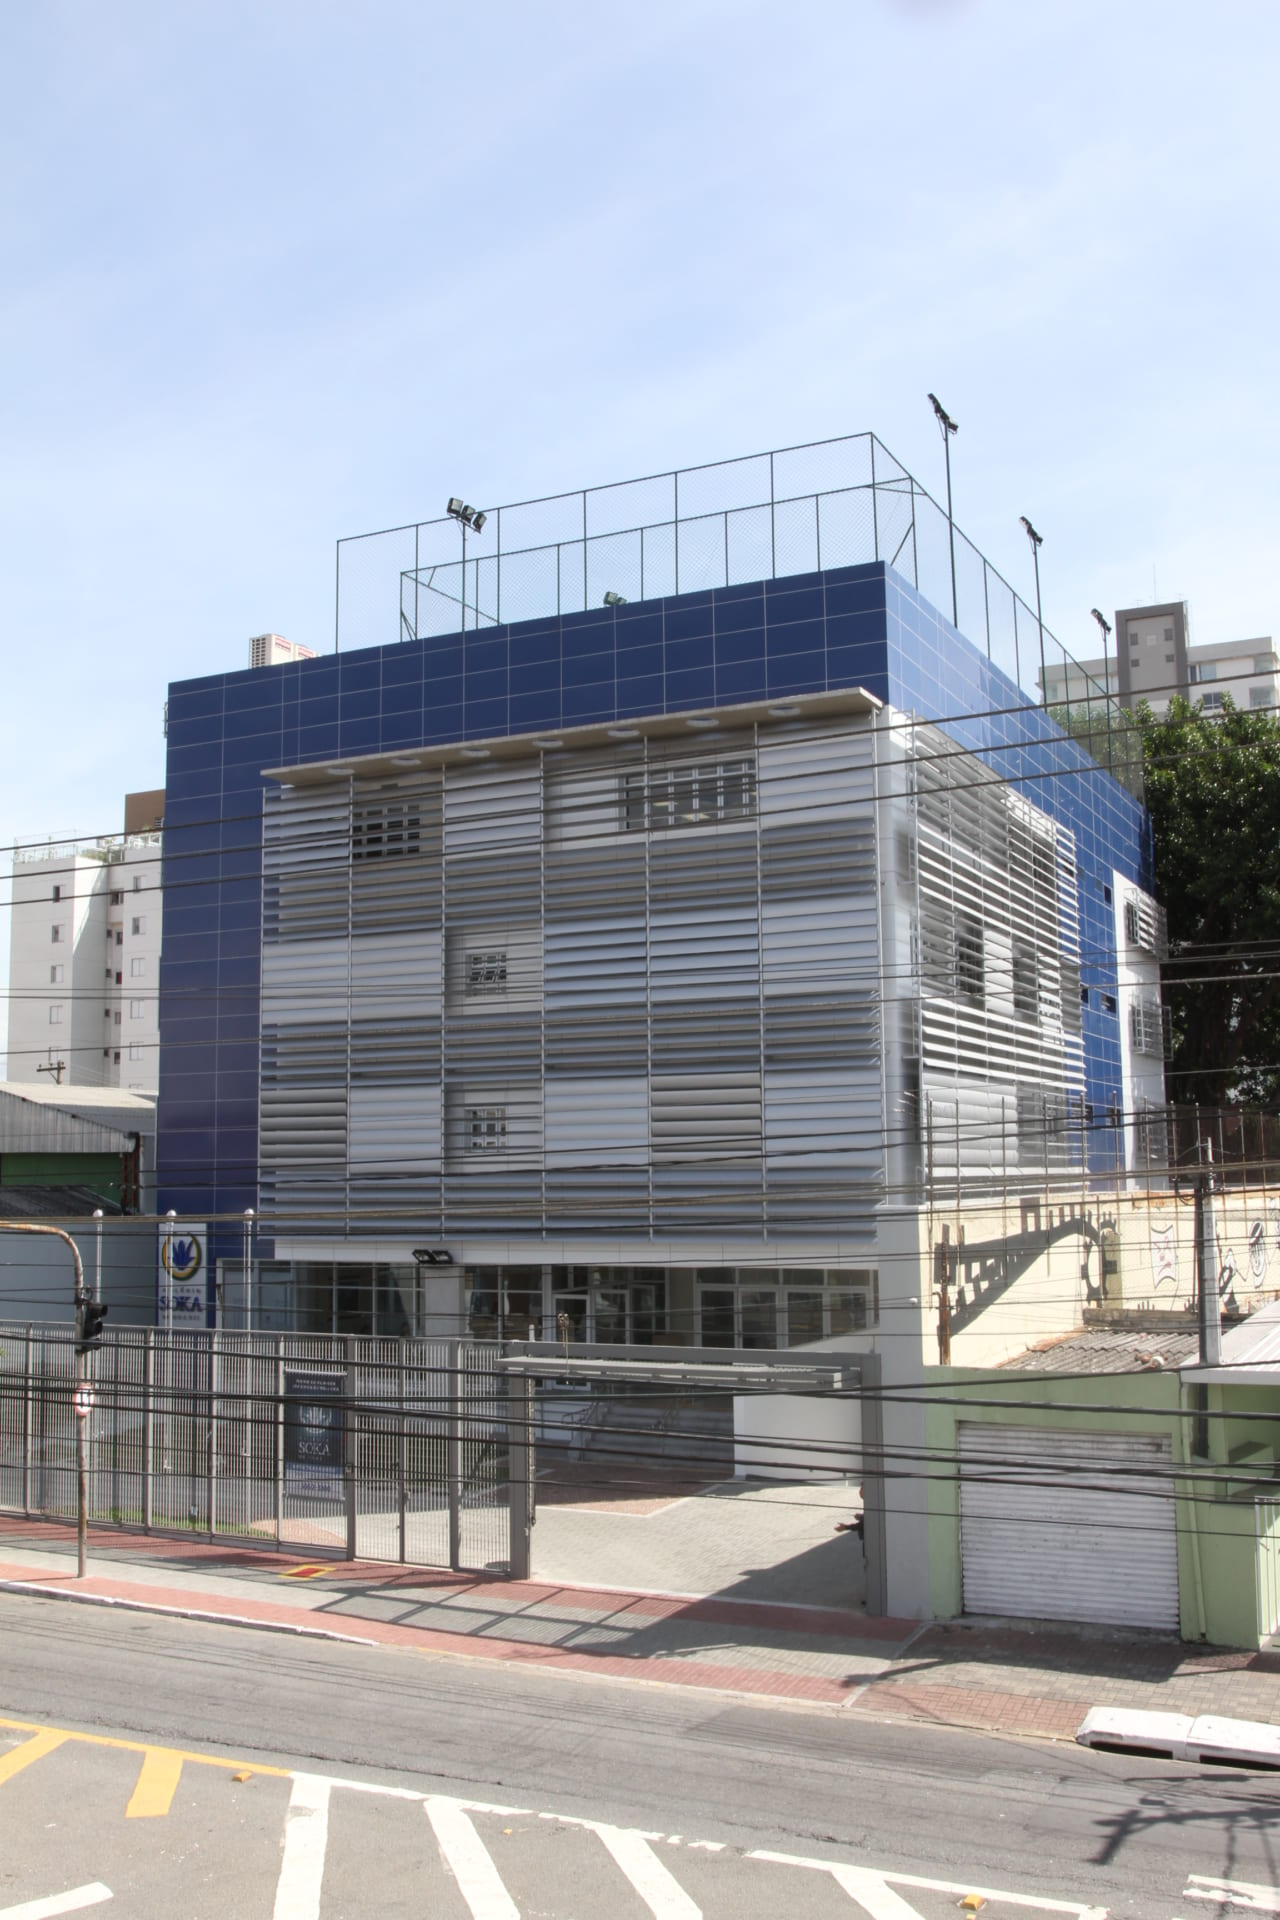 ブラジル創価学園